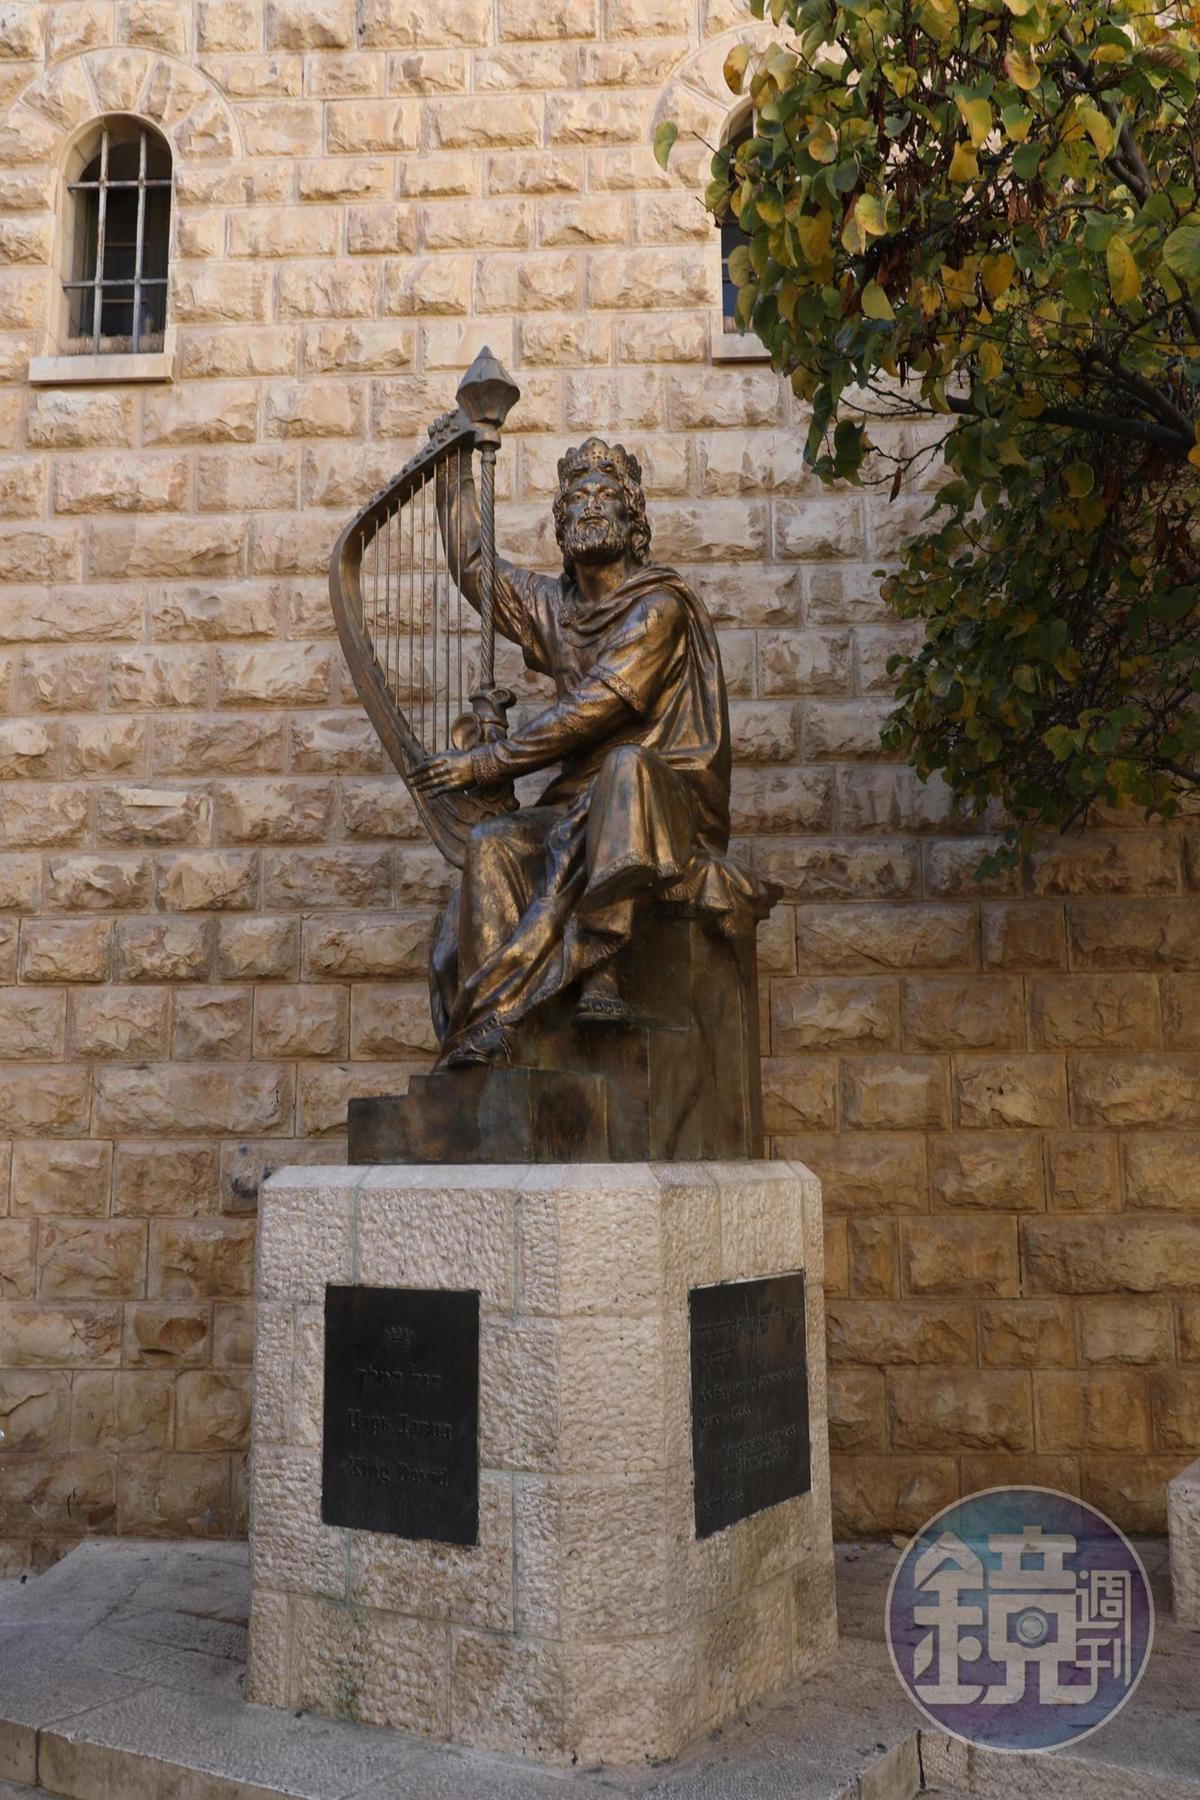 最後晚餐之地對面有一個大衛王雕像,當年為了避免信徒崇拜偶像,這個雕像的鼻子被削掉了。